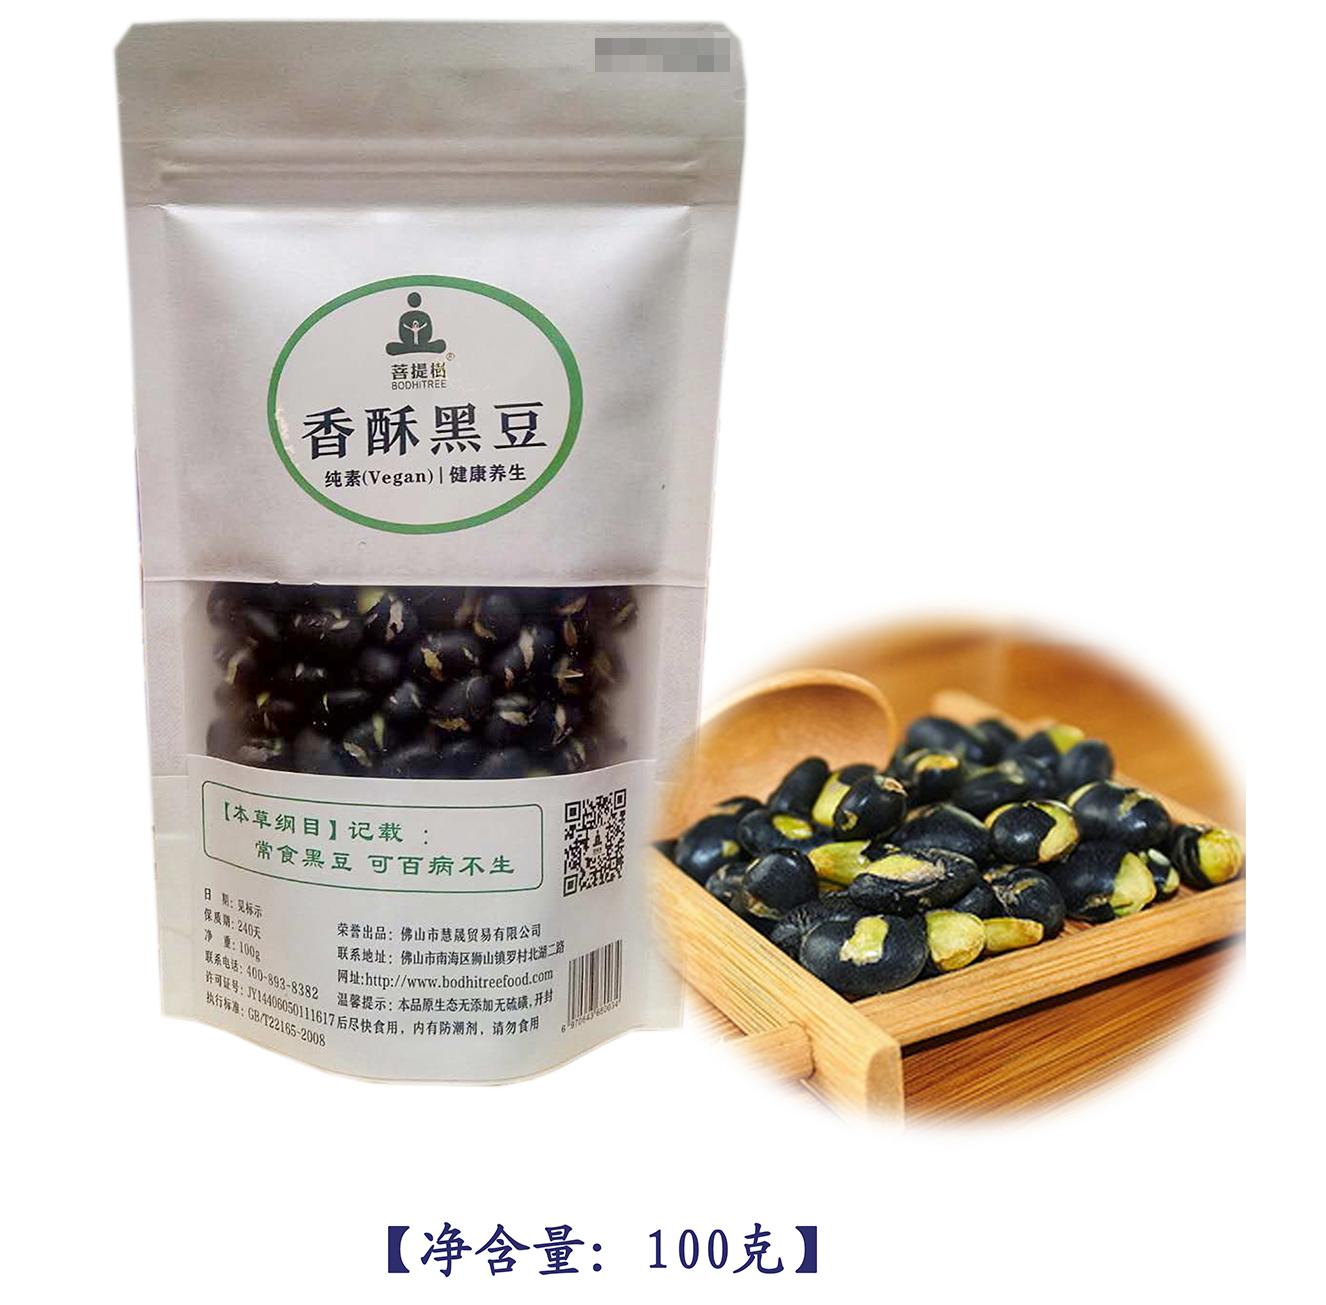 【菩提树】香酥黑豆 100g*5袋 优质黑豆开袋即食健康养生休闲食品零食